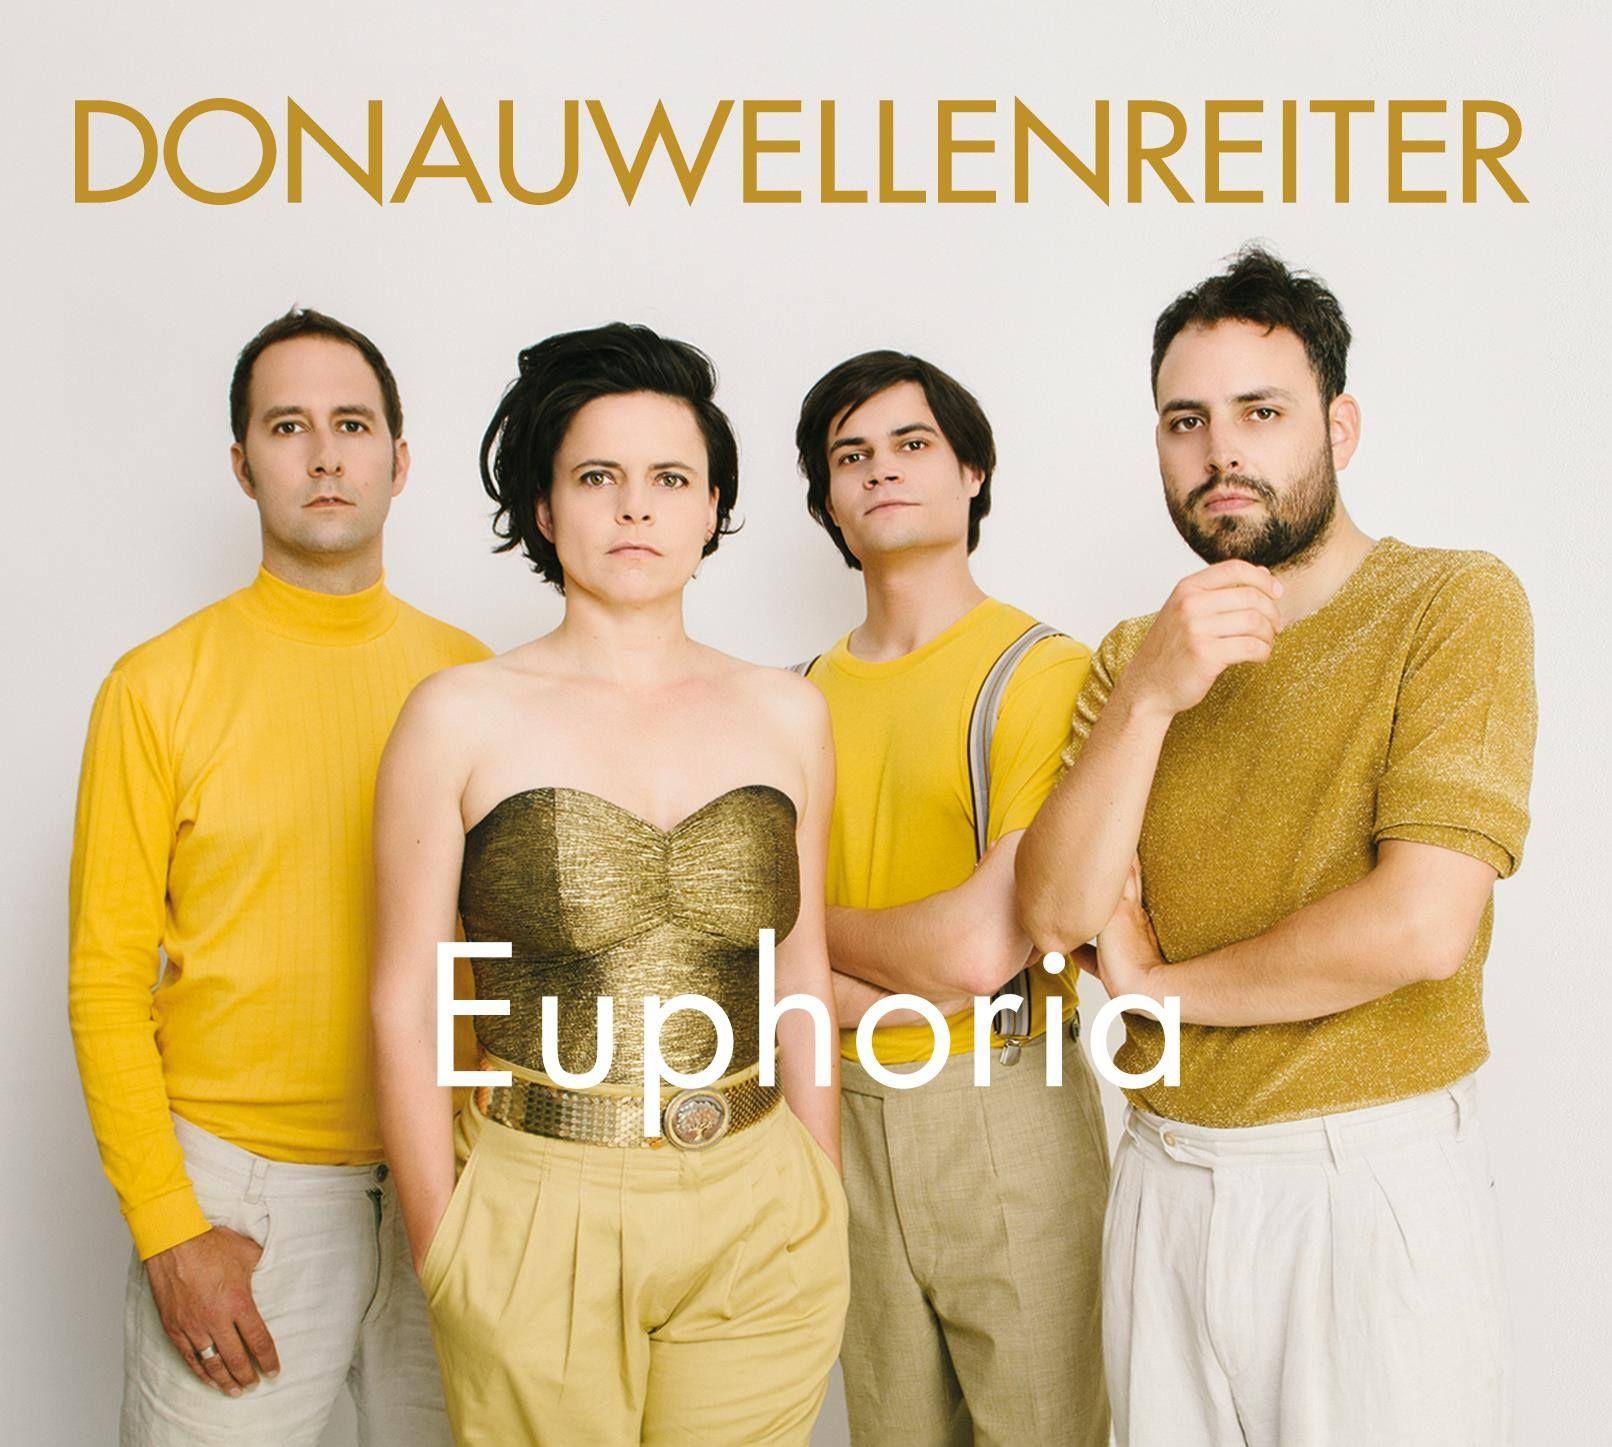 Donauwellenreiter _ 'Euphoria' (Laloki, 2016)